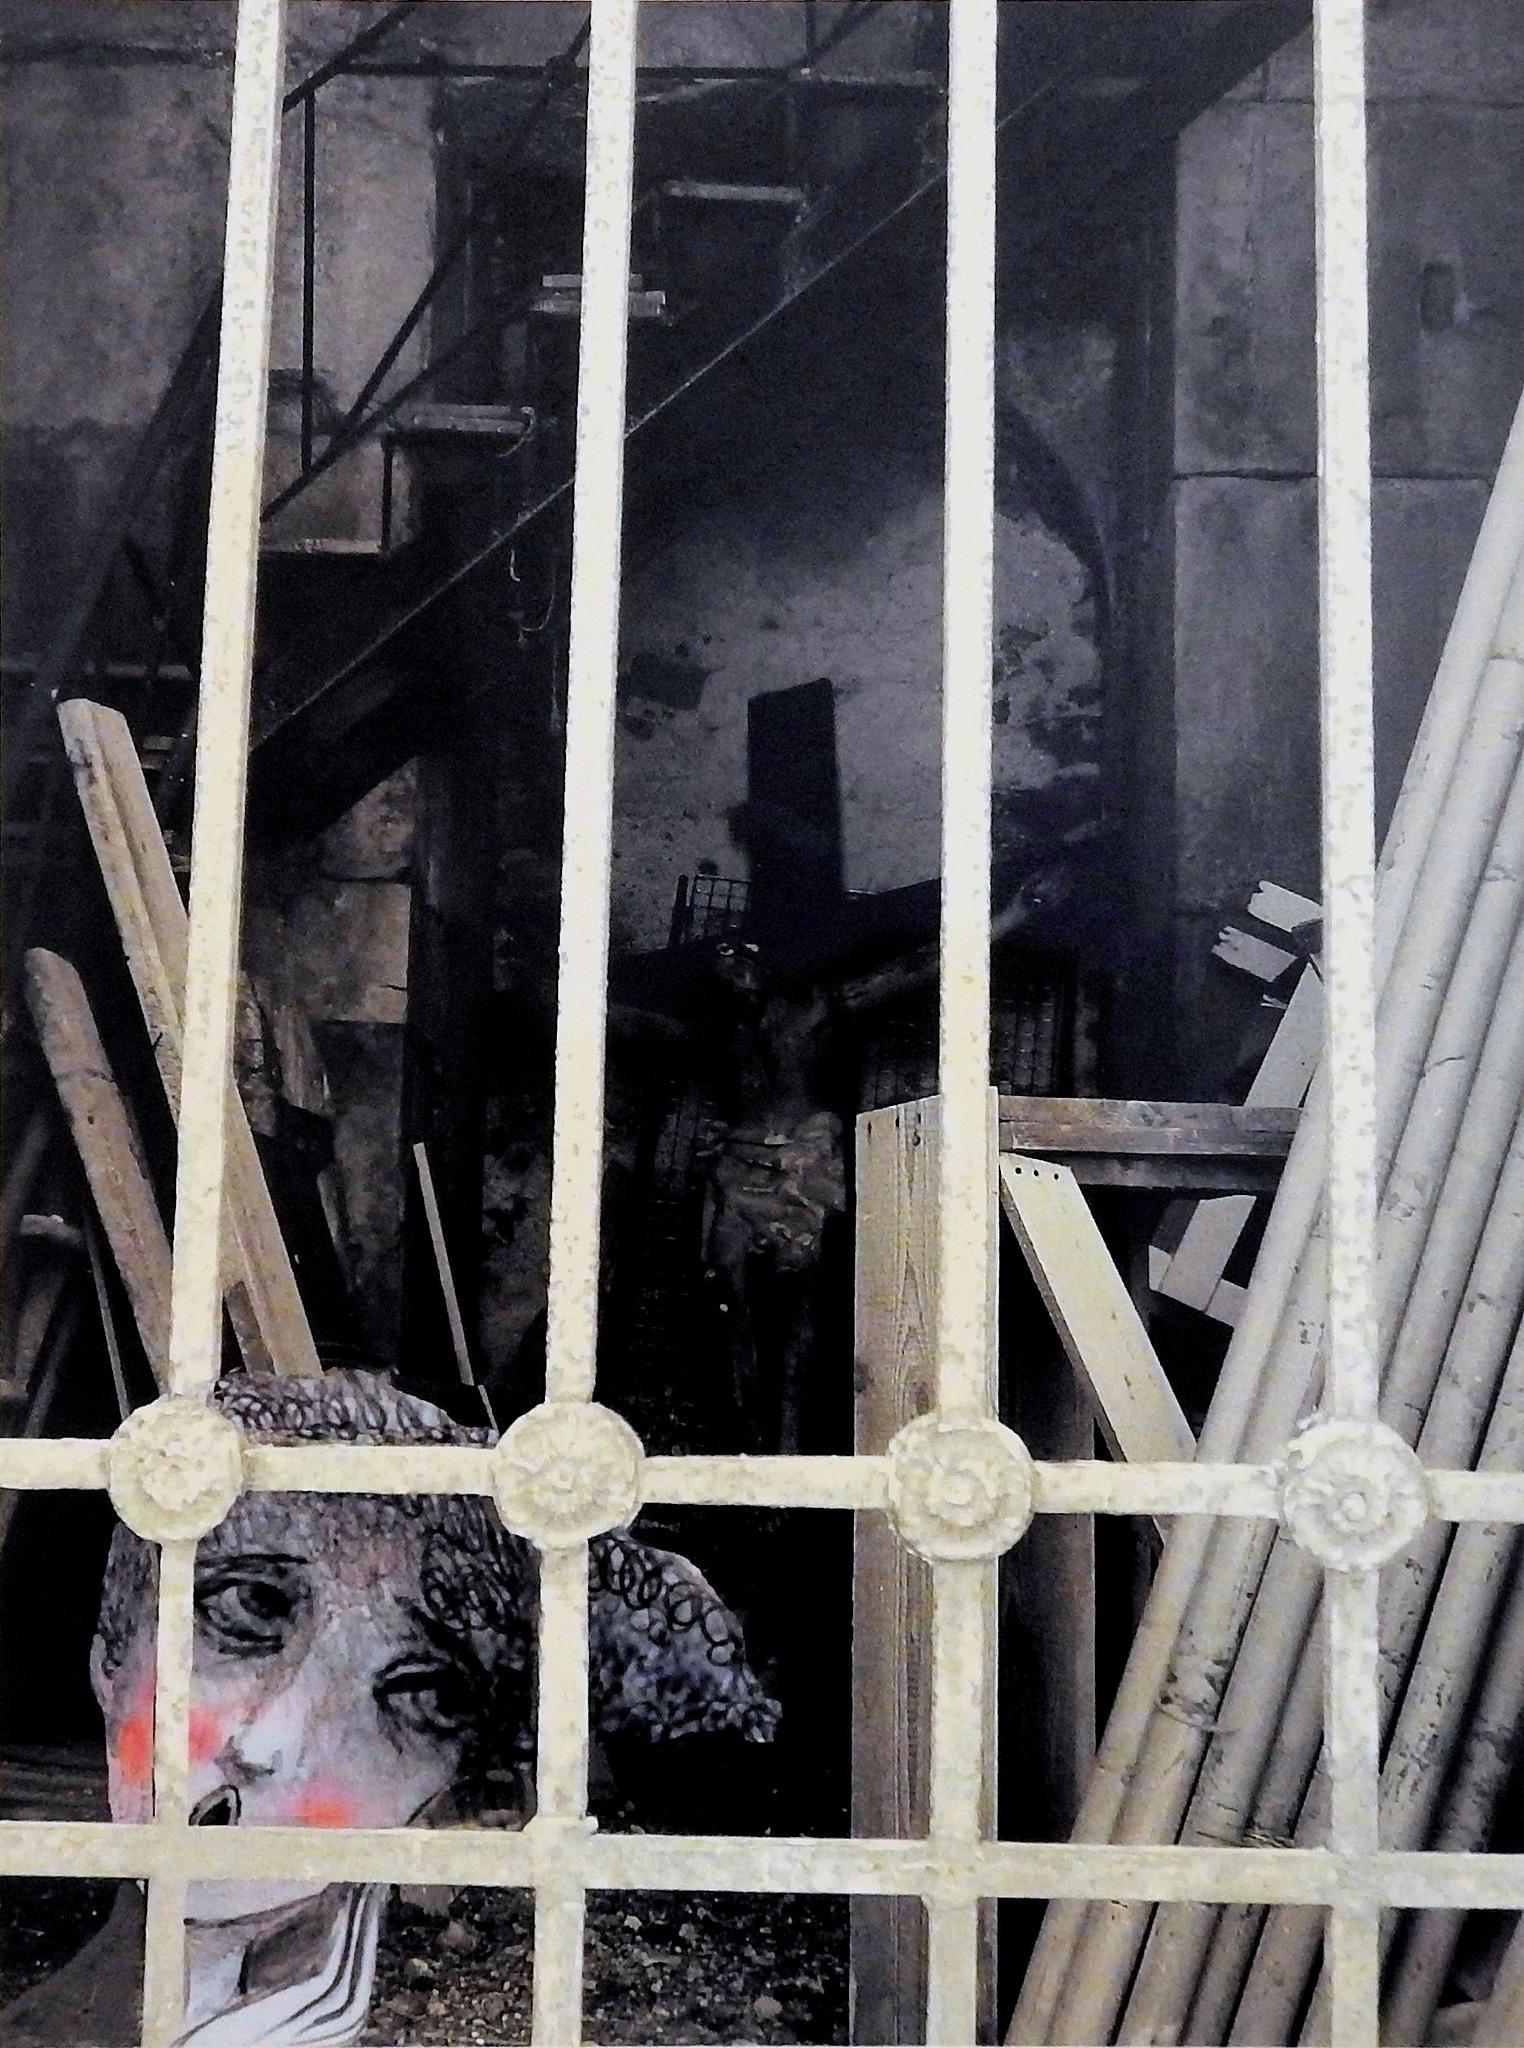 P.A.N. Napoli - Lilliana Comes - Renato Iannone - Fataluogo ed il Dio abbandonato by Arnaldo De Lisio